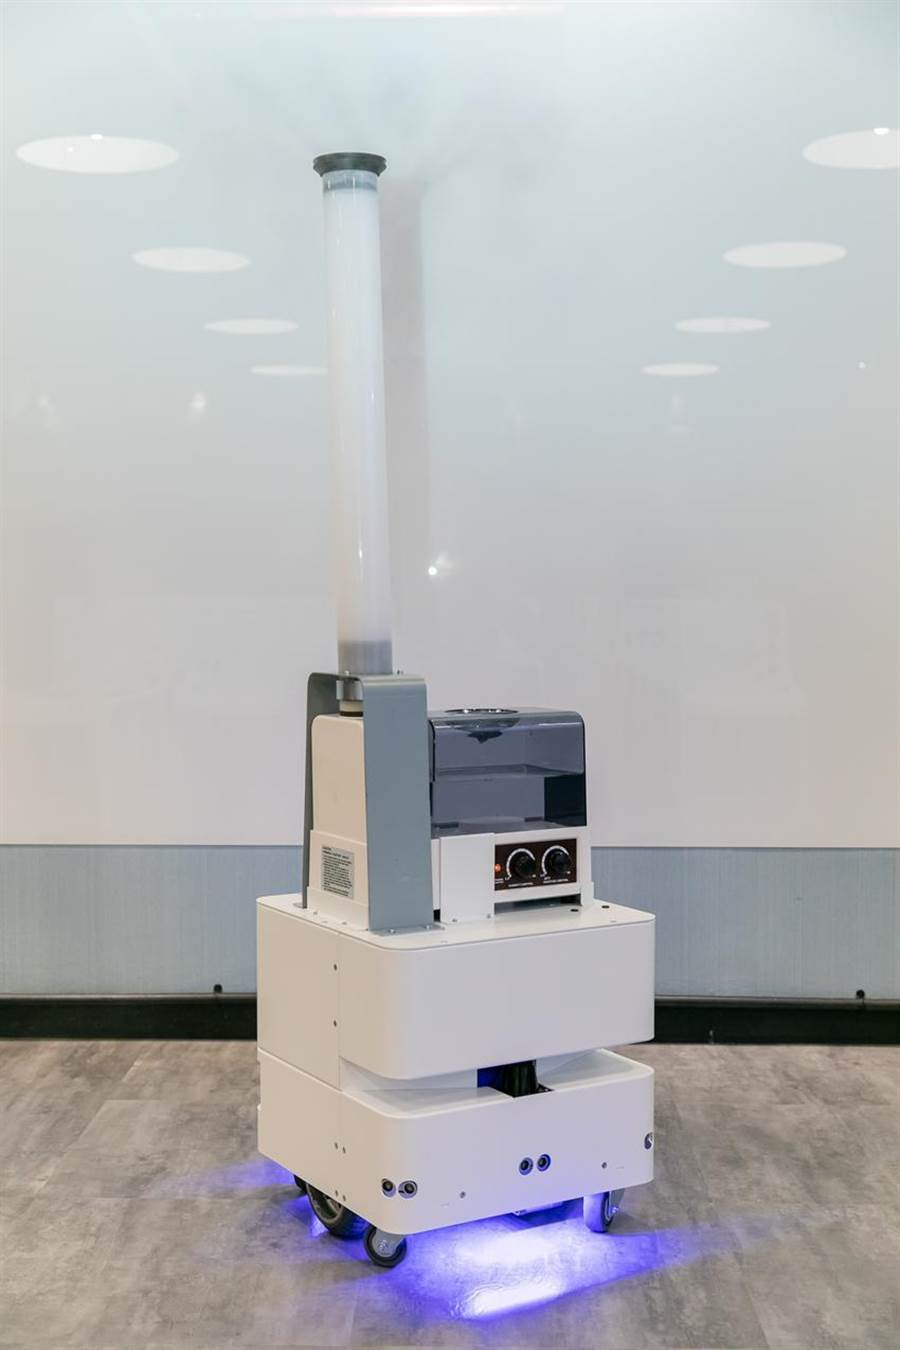 东元研发智慧UVC消毒防疫机器3日正式亮相